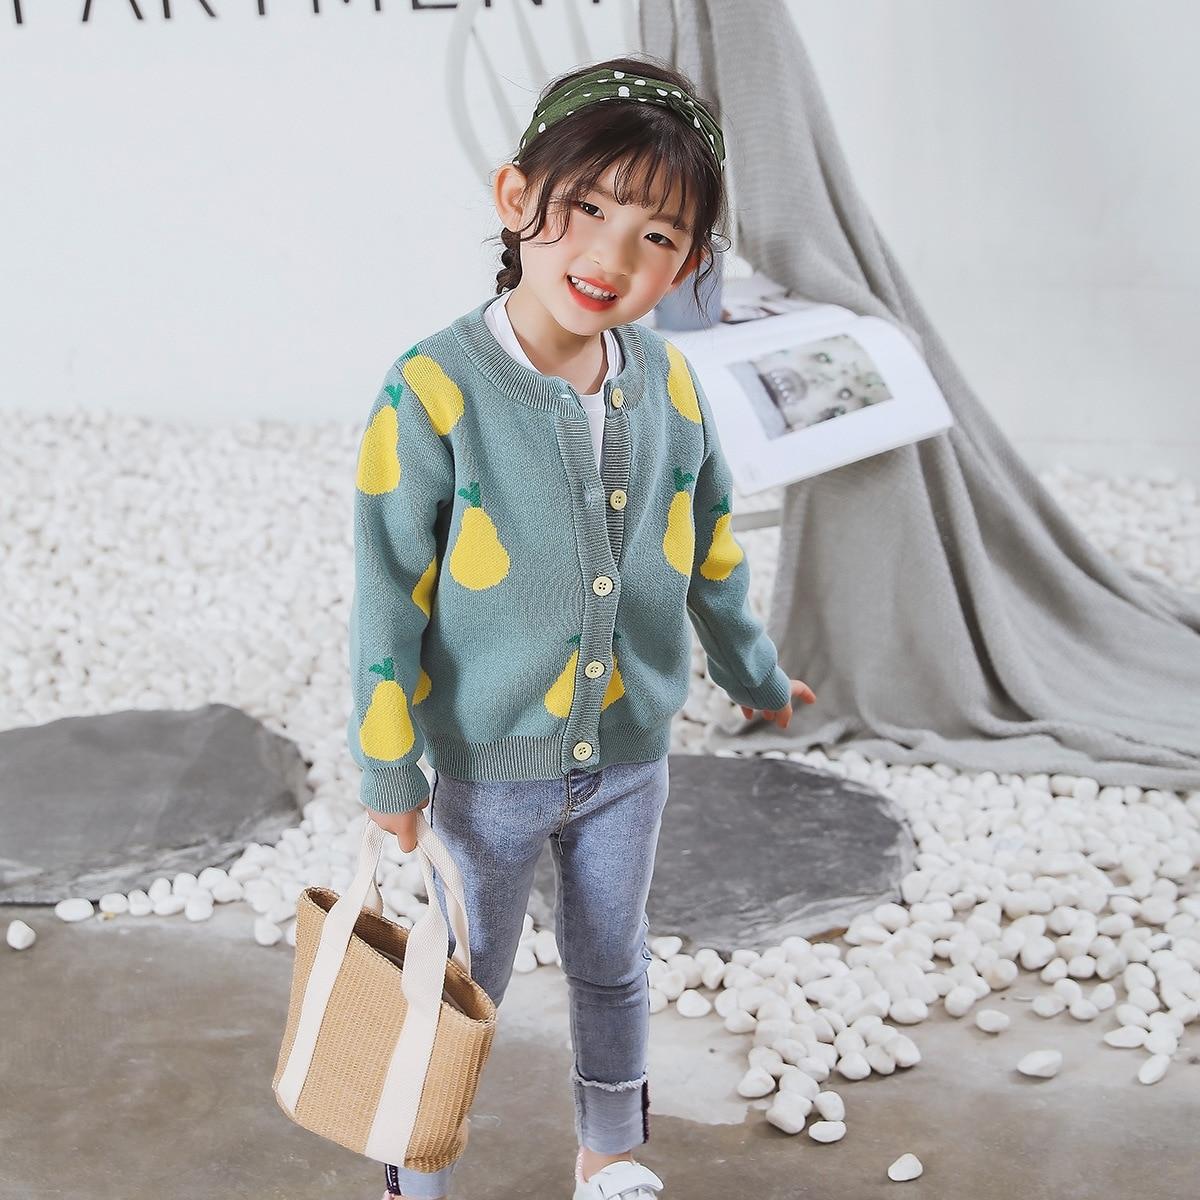 Ins/Детские кардиганы для девочек, От 1 до 7 лет кардиганы, одежда для детей, 2019